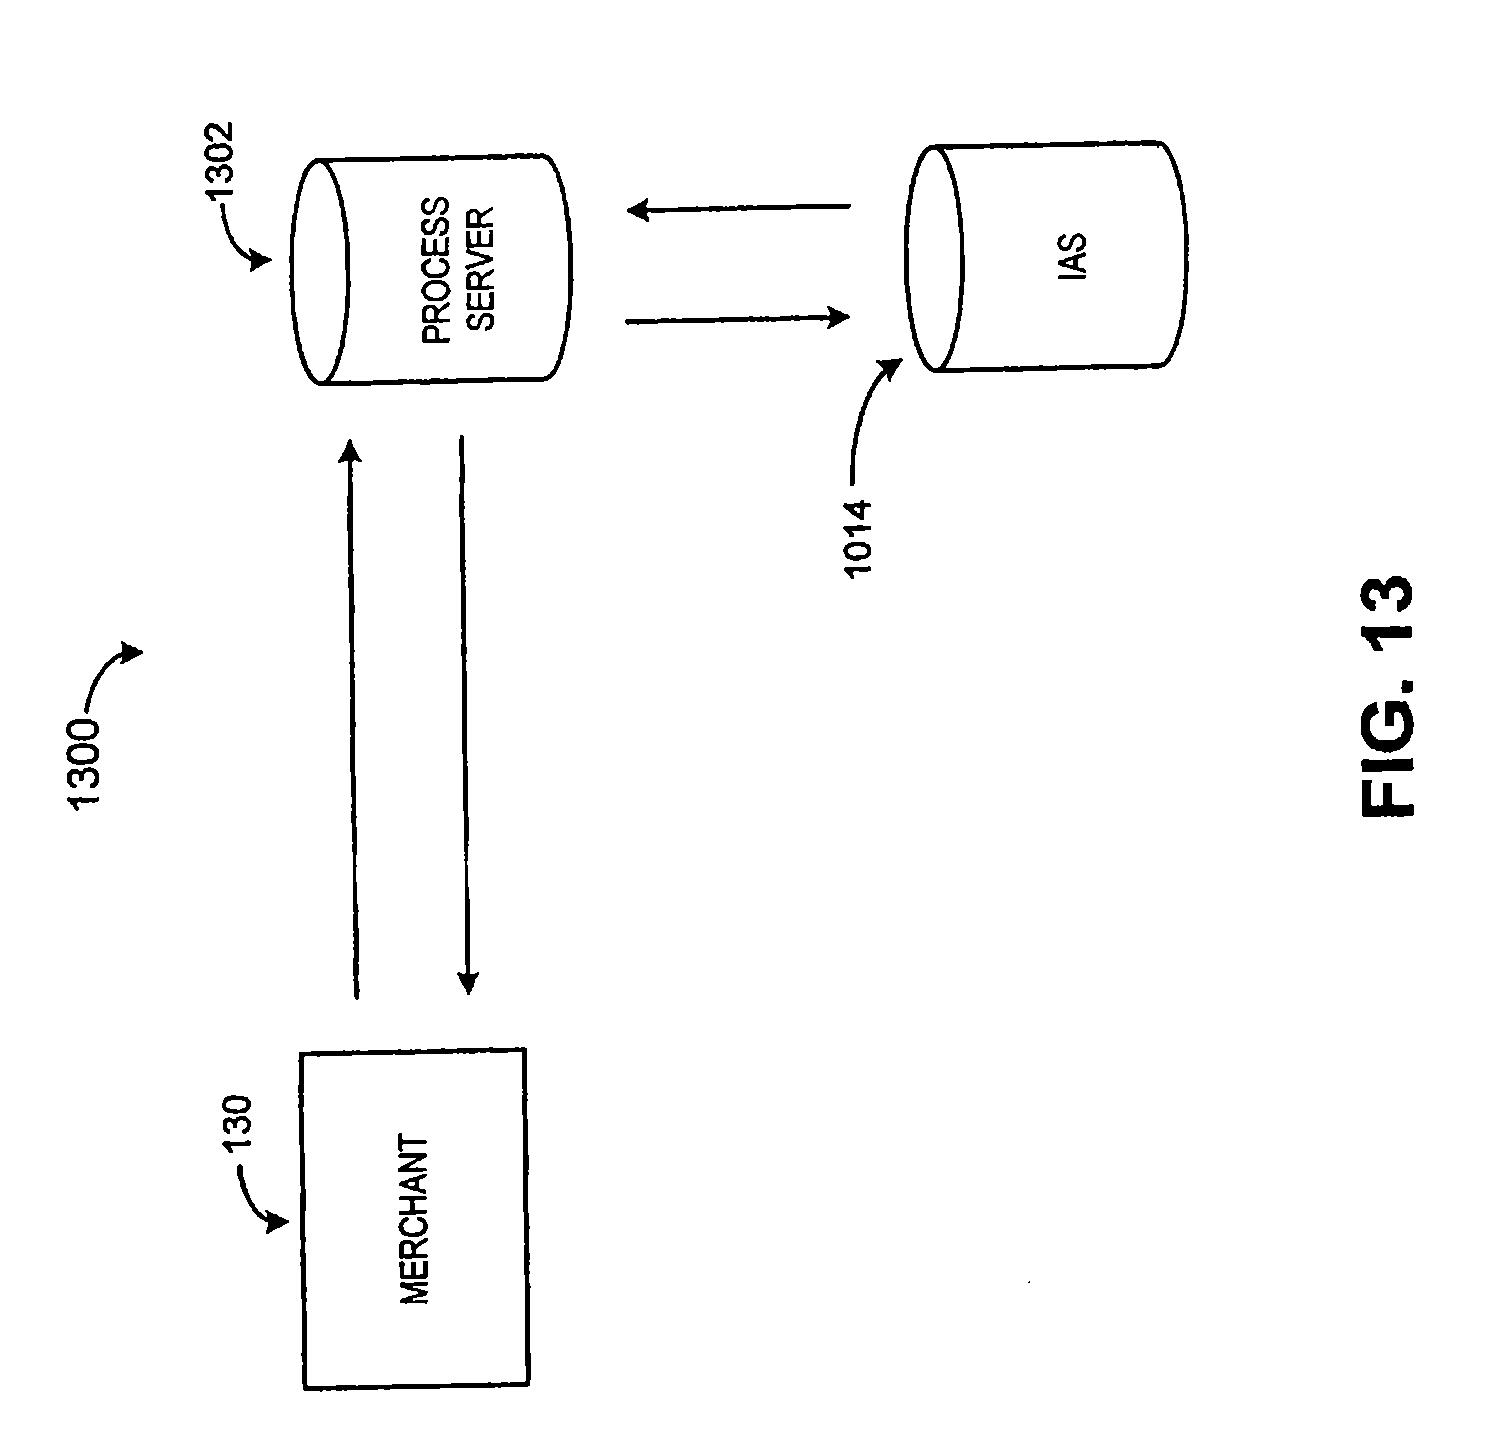 patent us7500616